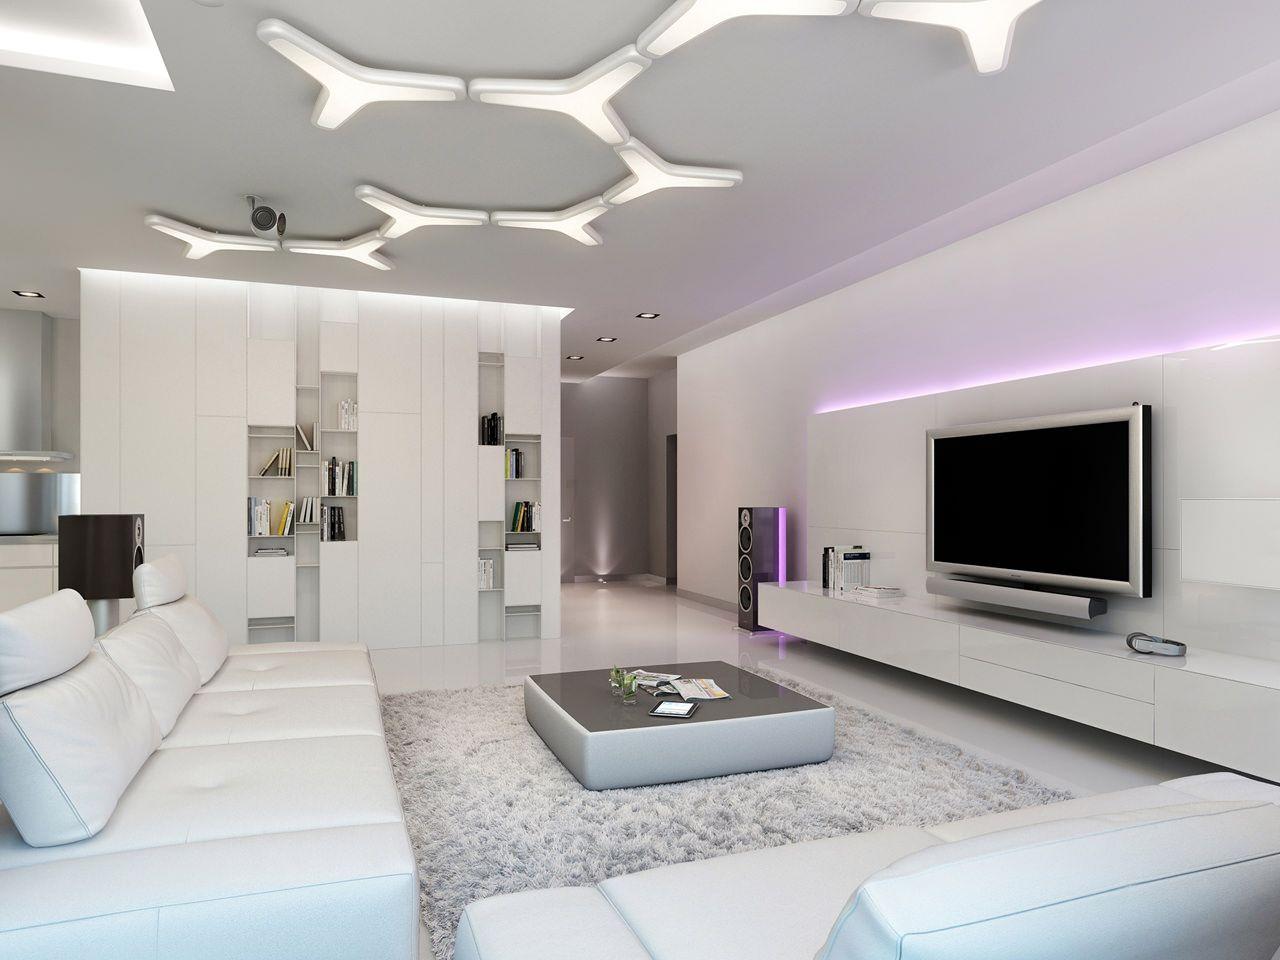 decoracin de interiores modernos ideas para renovar tu sala cocina cuarto de bao con un diseo exclusivo